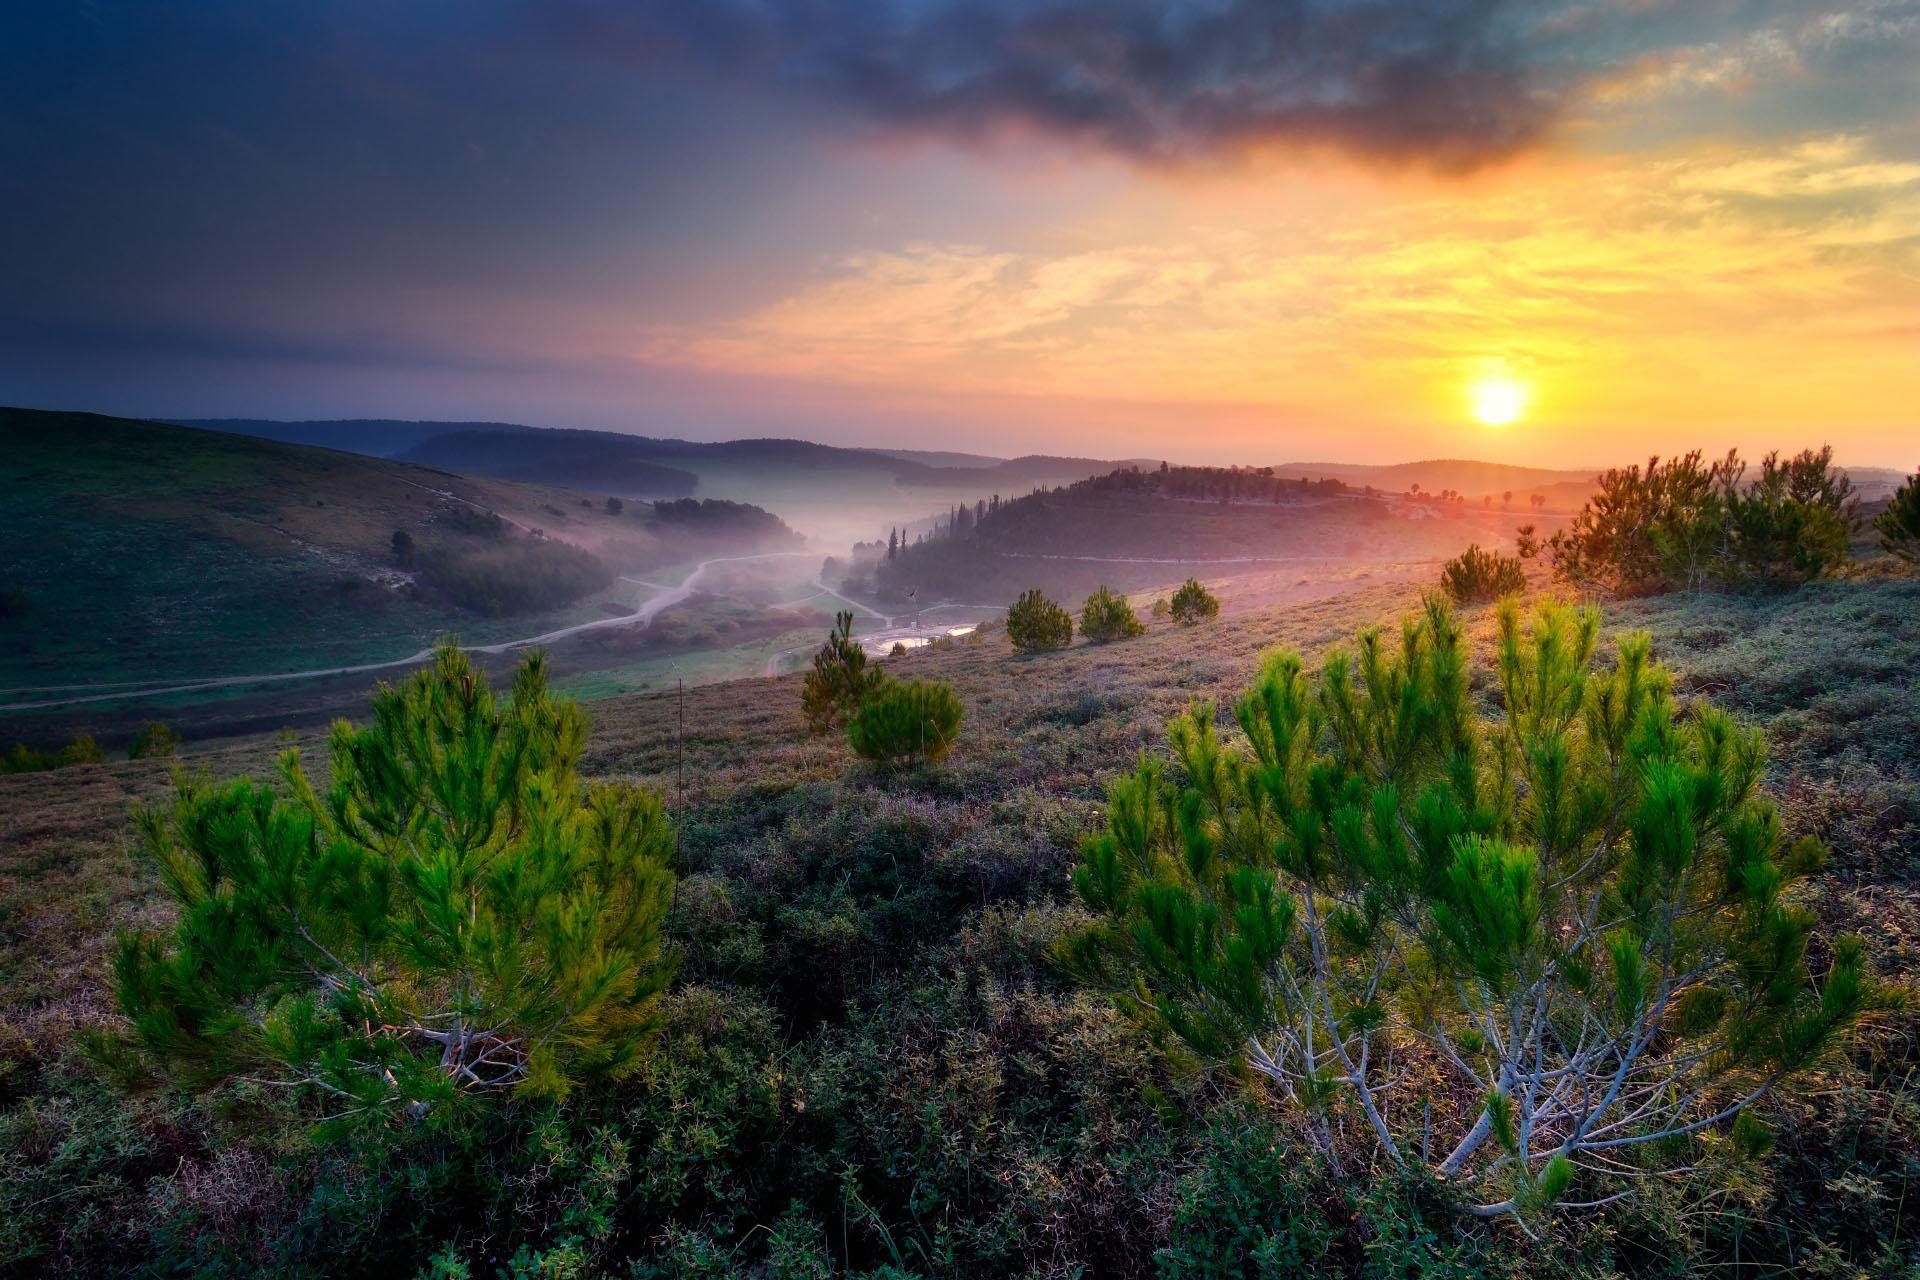 日の出の「平和の谷」の風景 イスラエルの風景